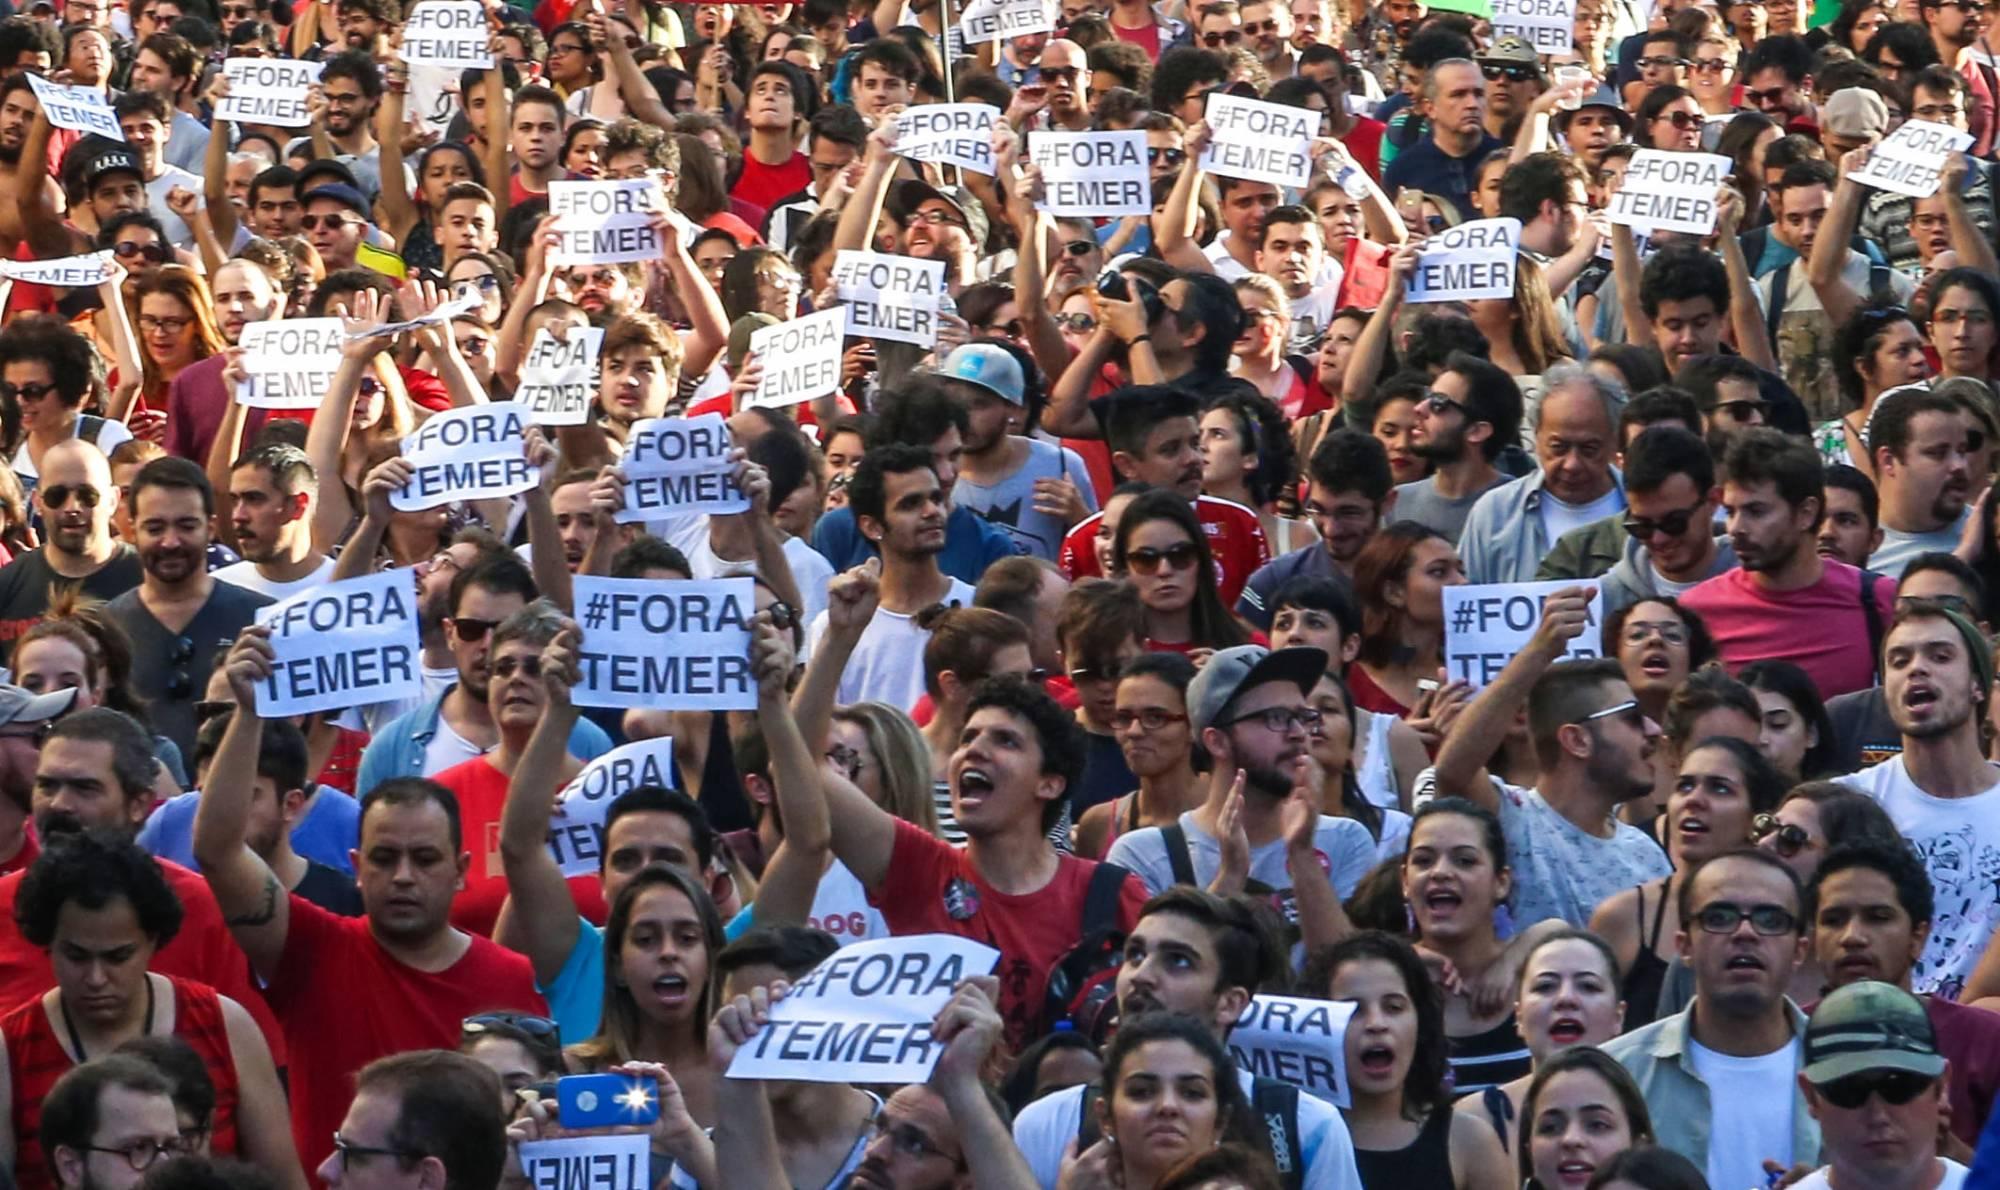 BRASILE L'impeachment di Dilma Roussef e la crisi storica del PT